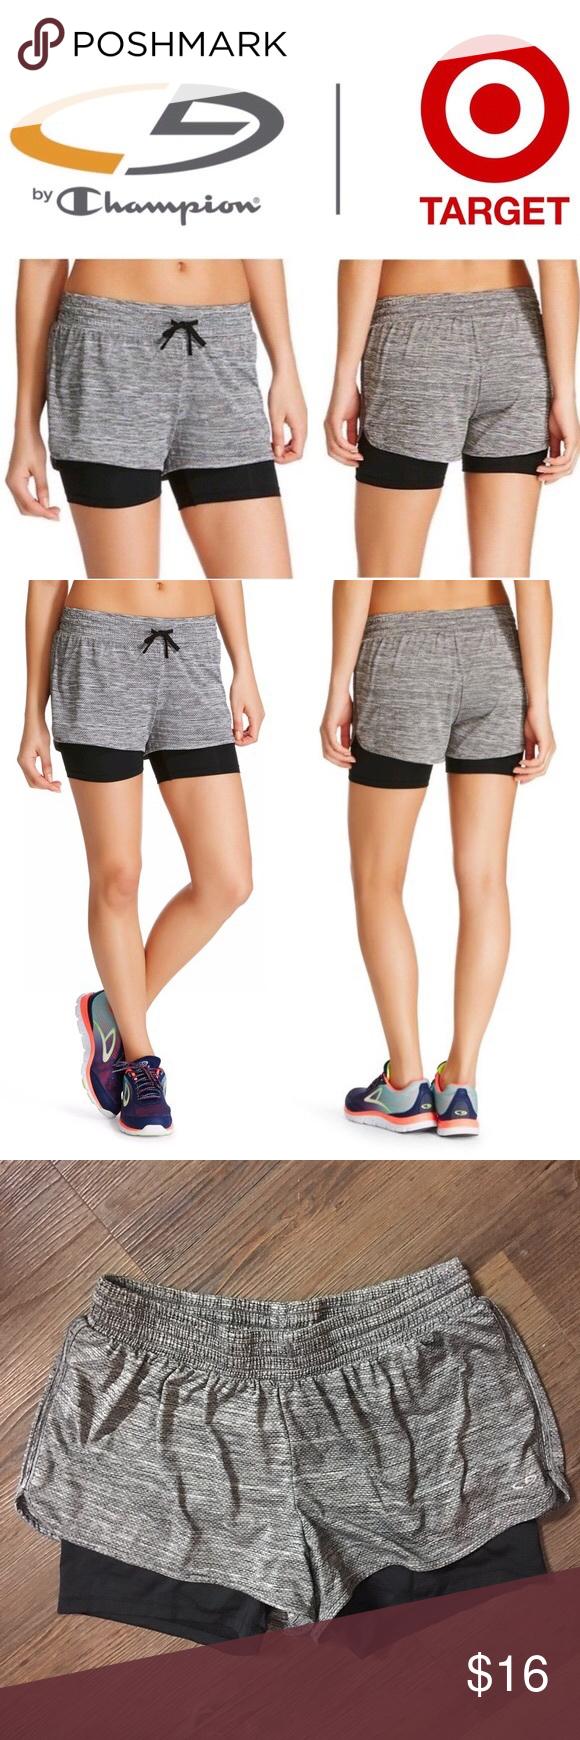 dd72b71685e8 C9 Champion Women s Knit Layered Shorts Gray Black The C9 Champion Layered  Short provides active coverage